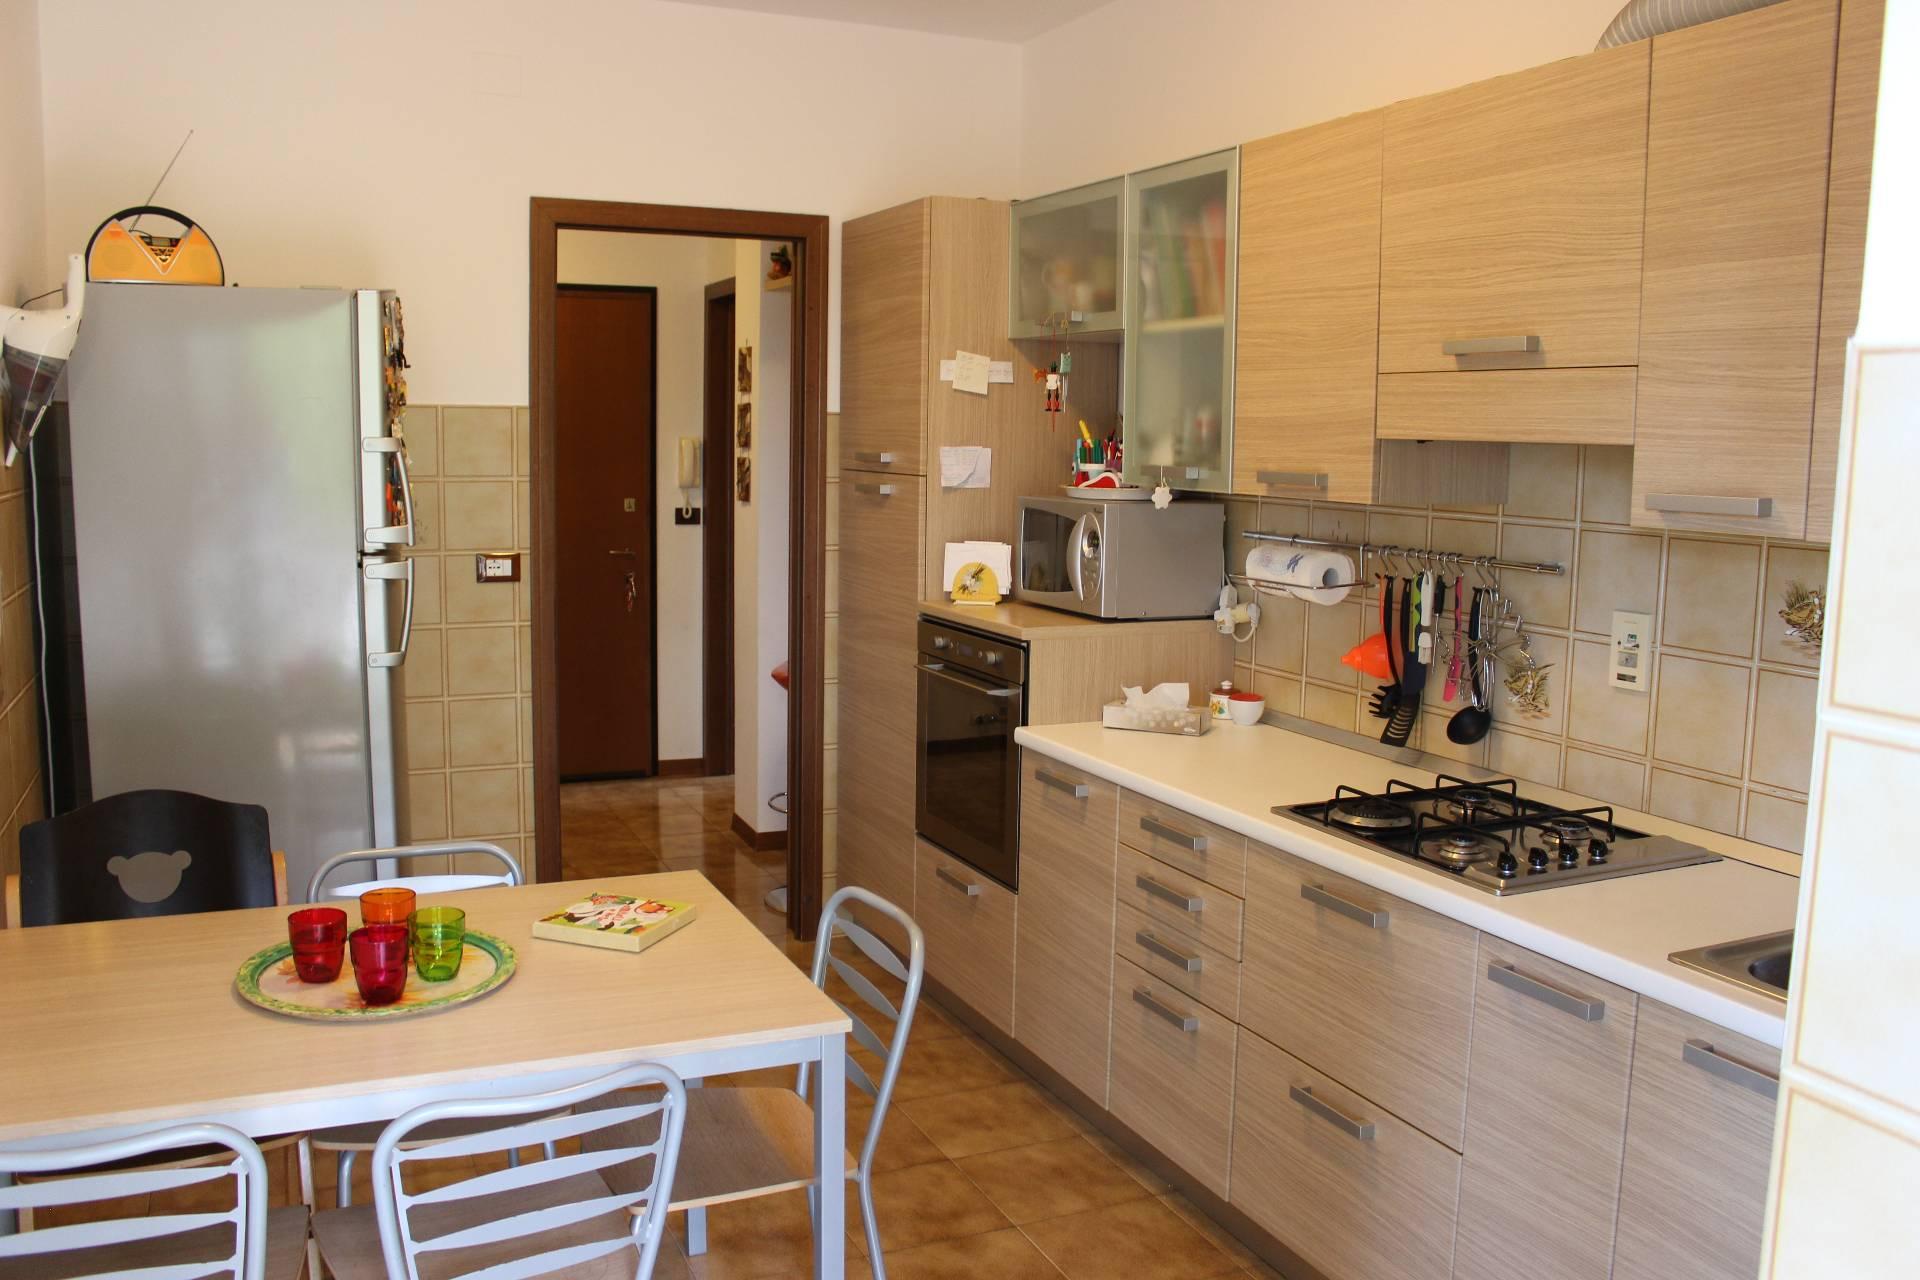 Appartamento in vendita a San Canzian d'Isonzo, 5 locali, prezzo € 105.000 | CambioCasa.it